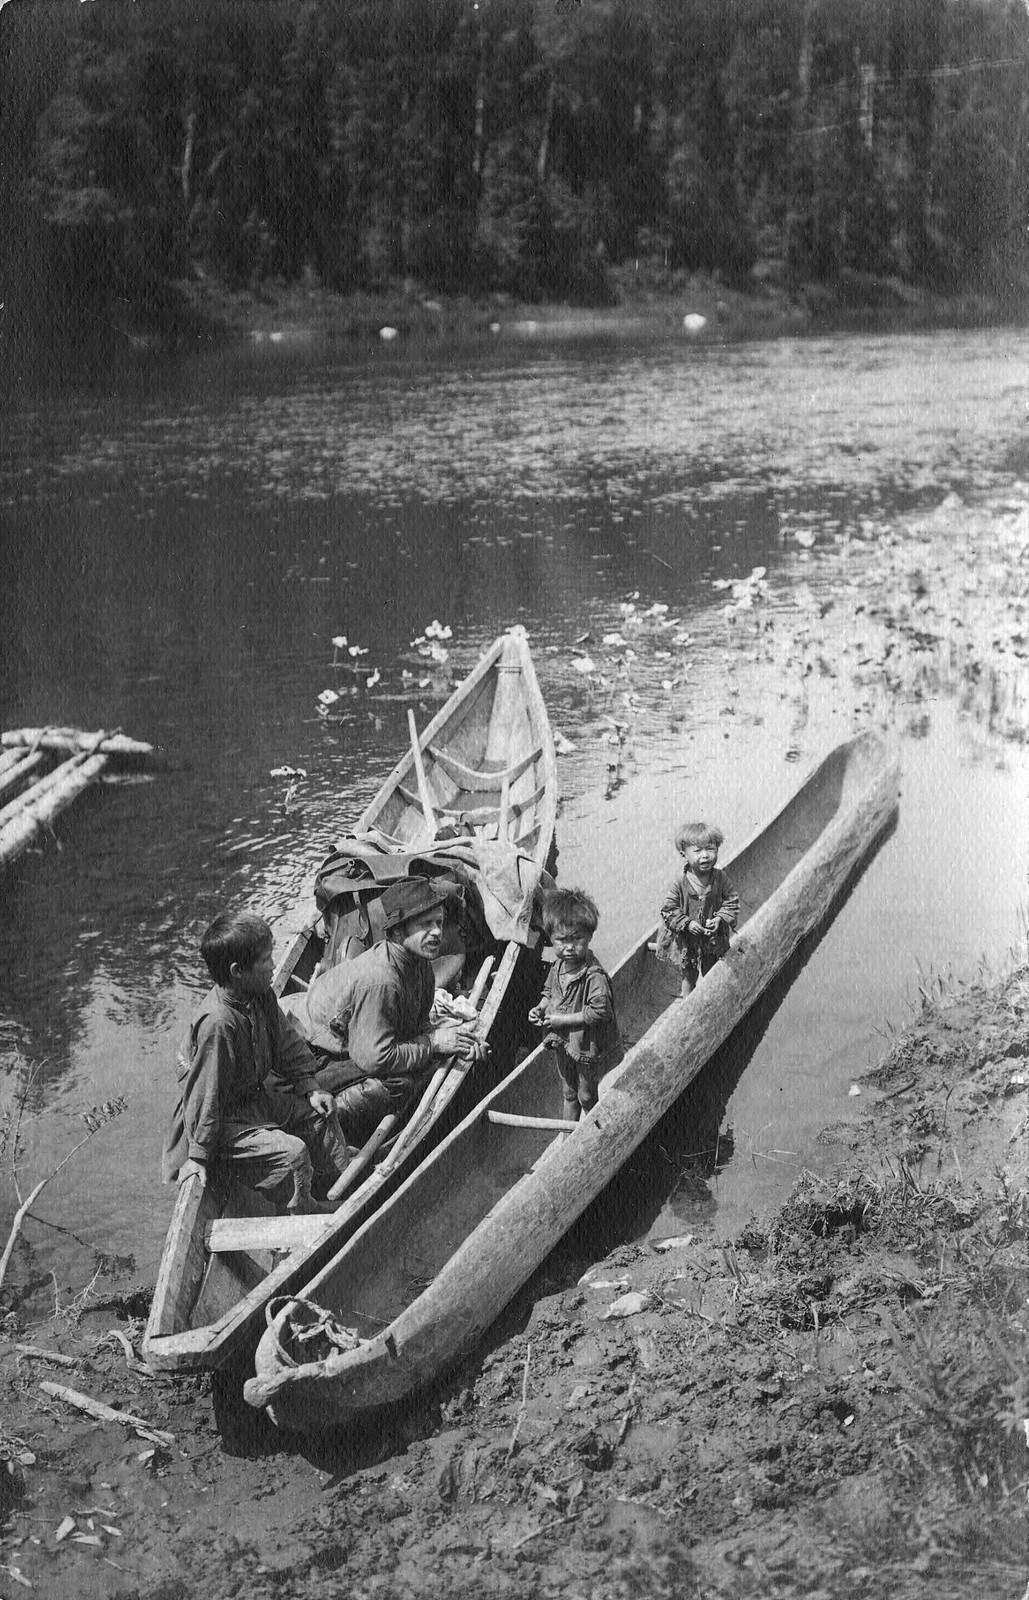 Лодки у берега реки Мрассу. Справа шорская лодка долбленка